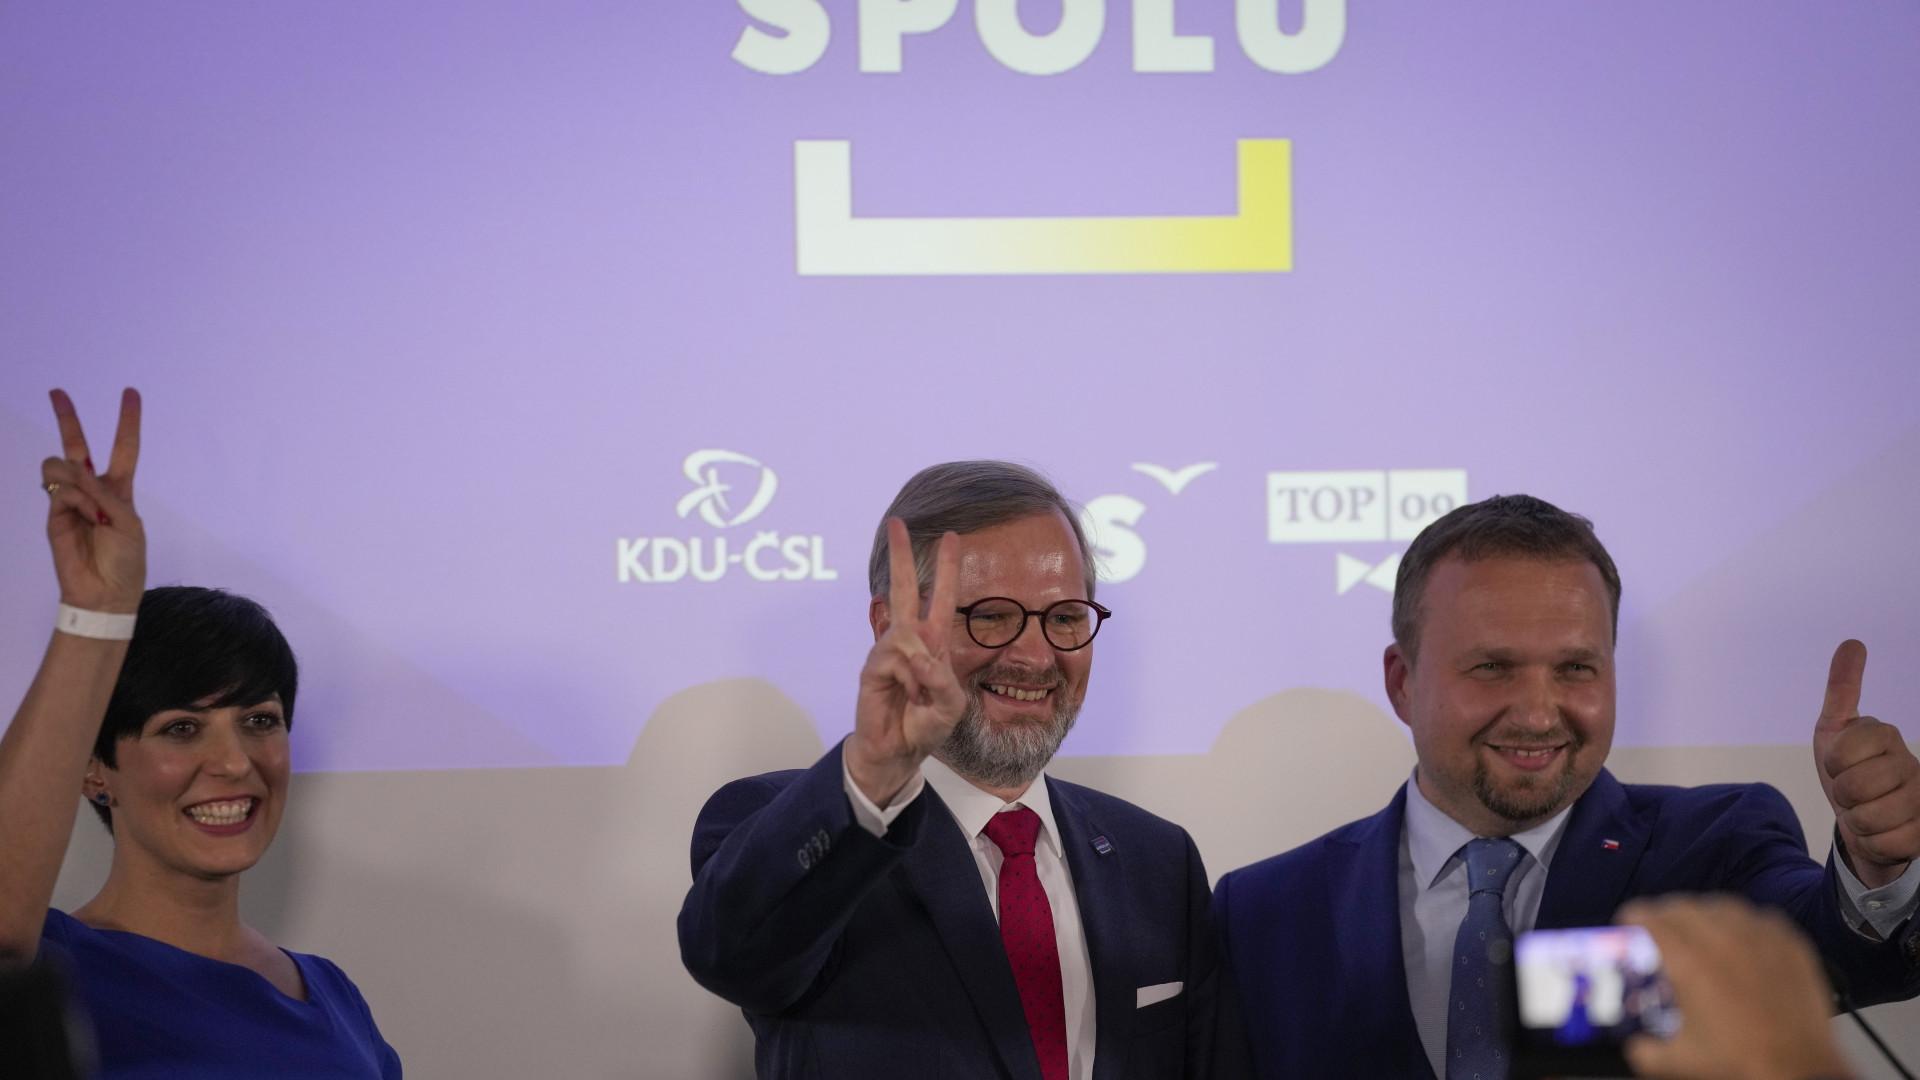 Kizárólag két pártszövetség, a Spolu és a Polgármesterek-Kalózok alakítana kormányt Csehországban thumbnail